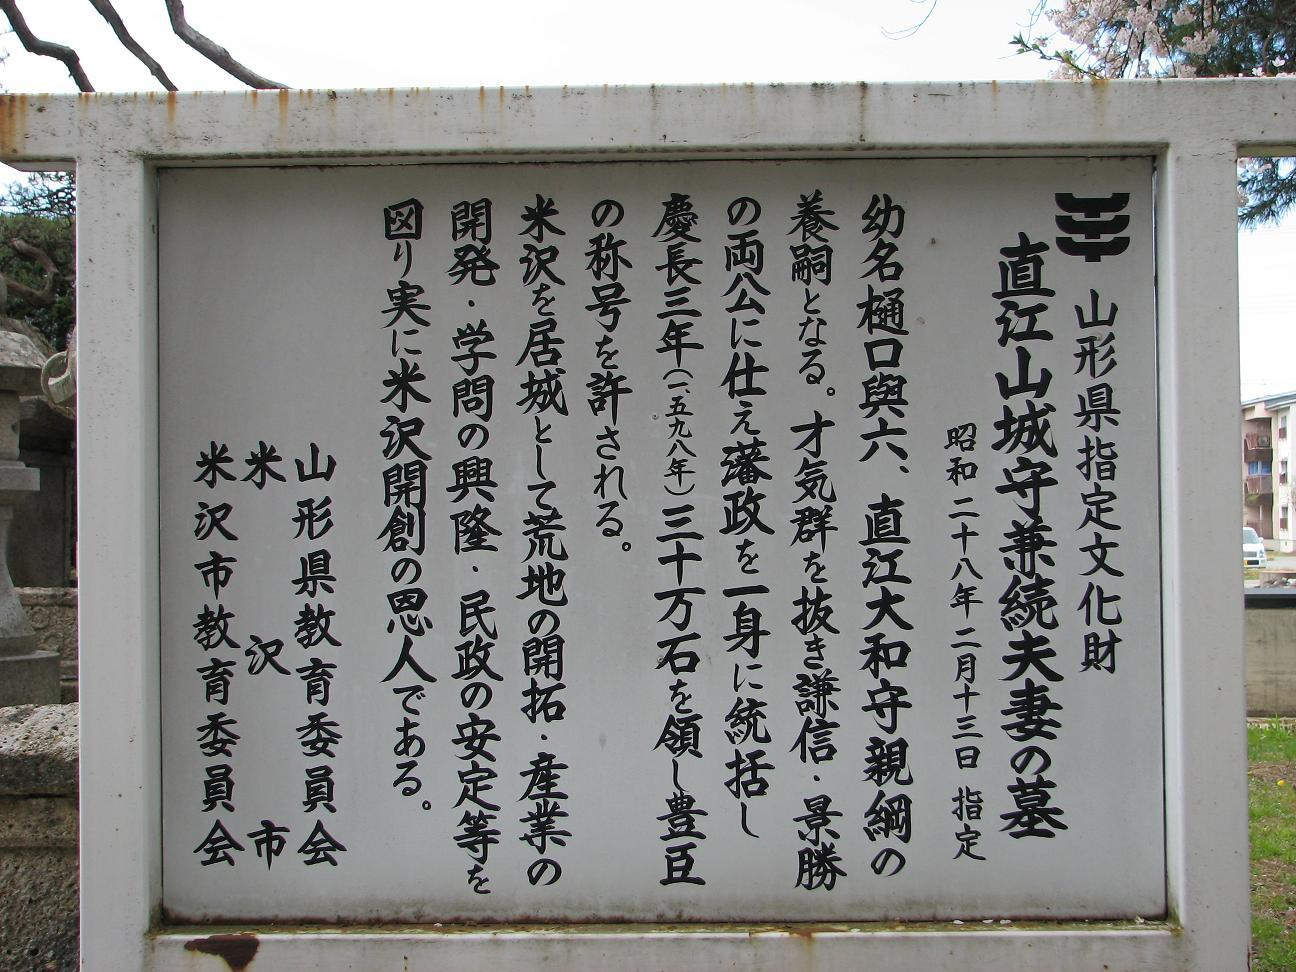 直江兼続の墓に御参りする。_c0075701_1849333.jpg